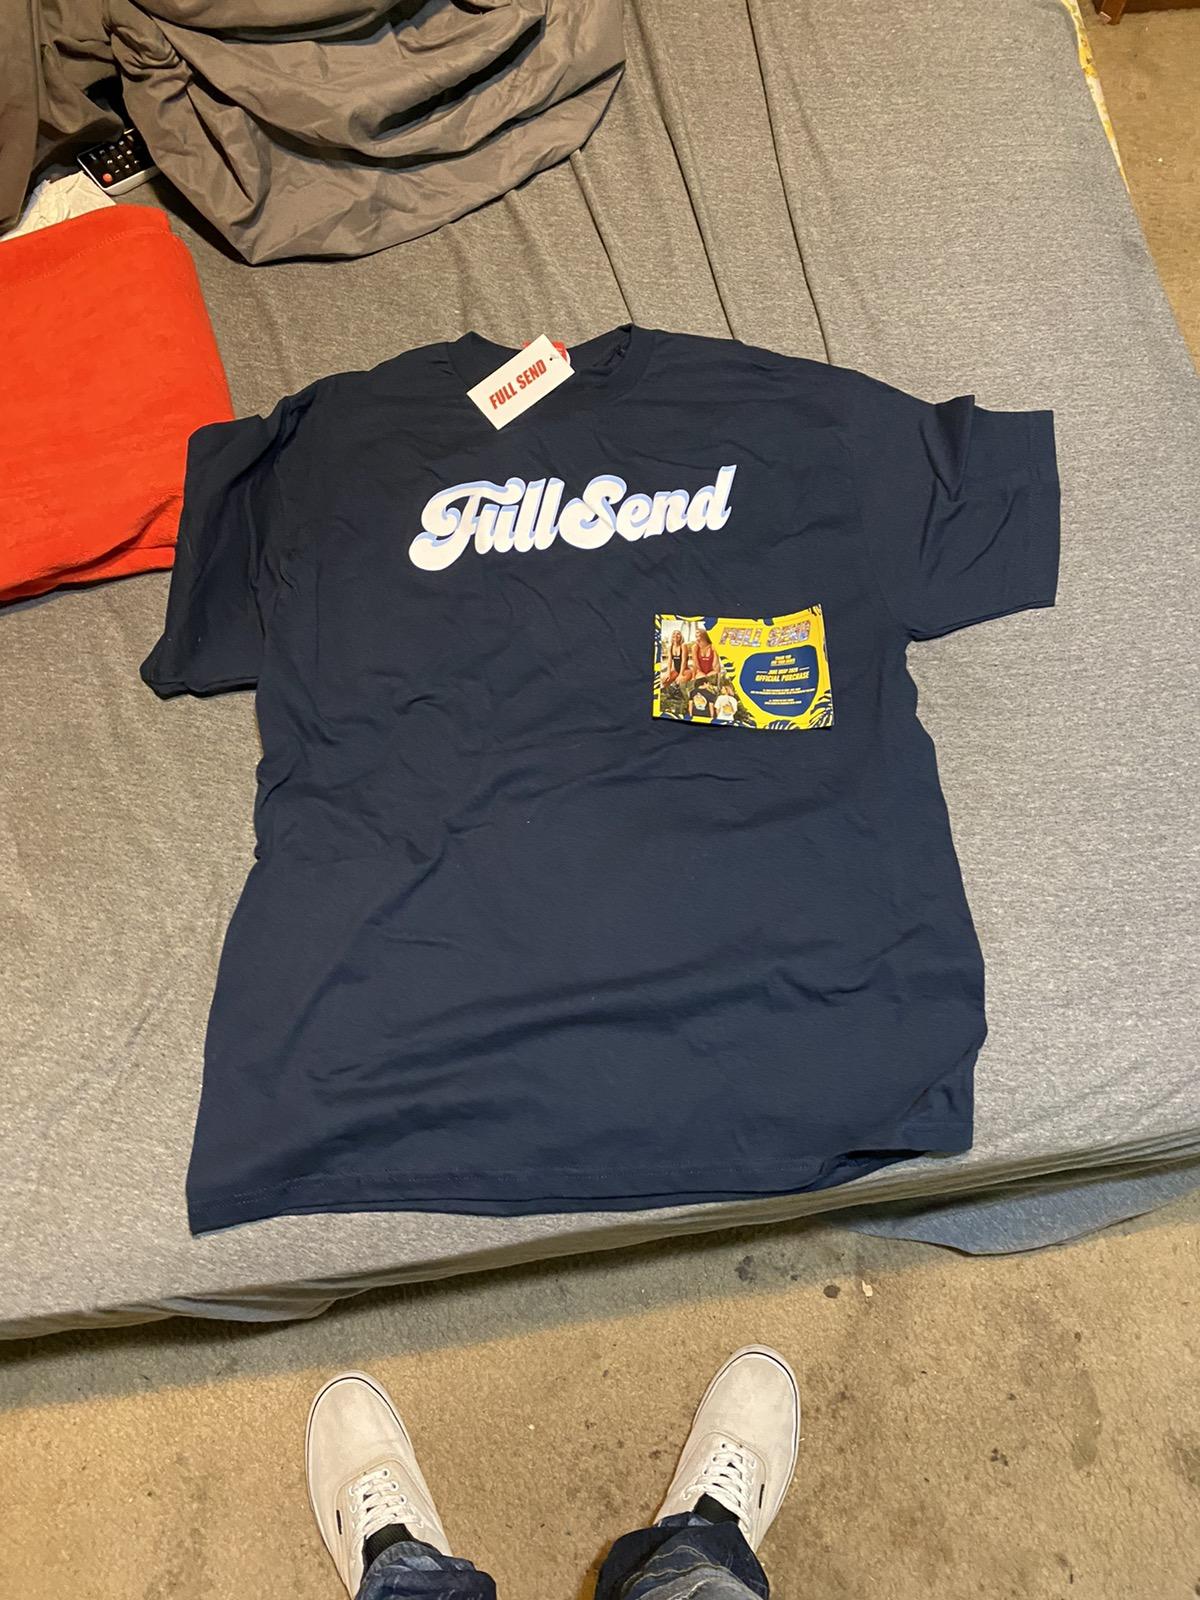 Full send Nelk boys Navy blue t. Shirt